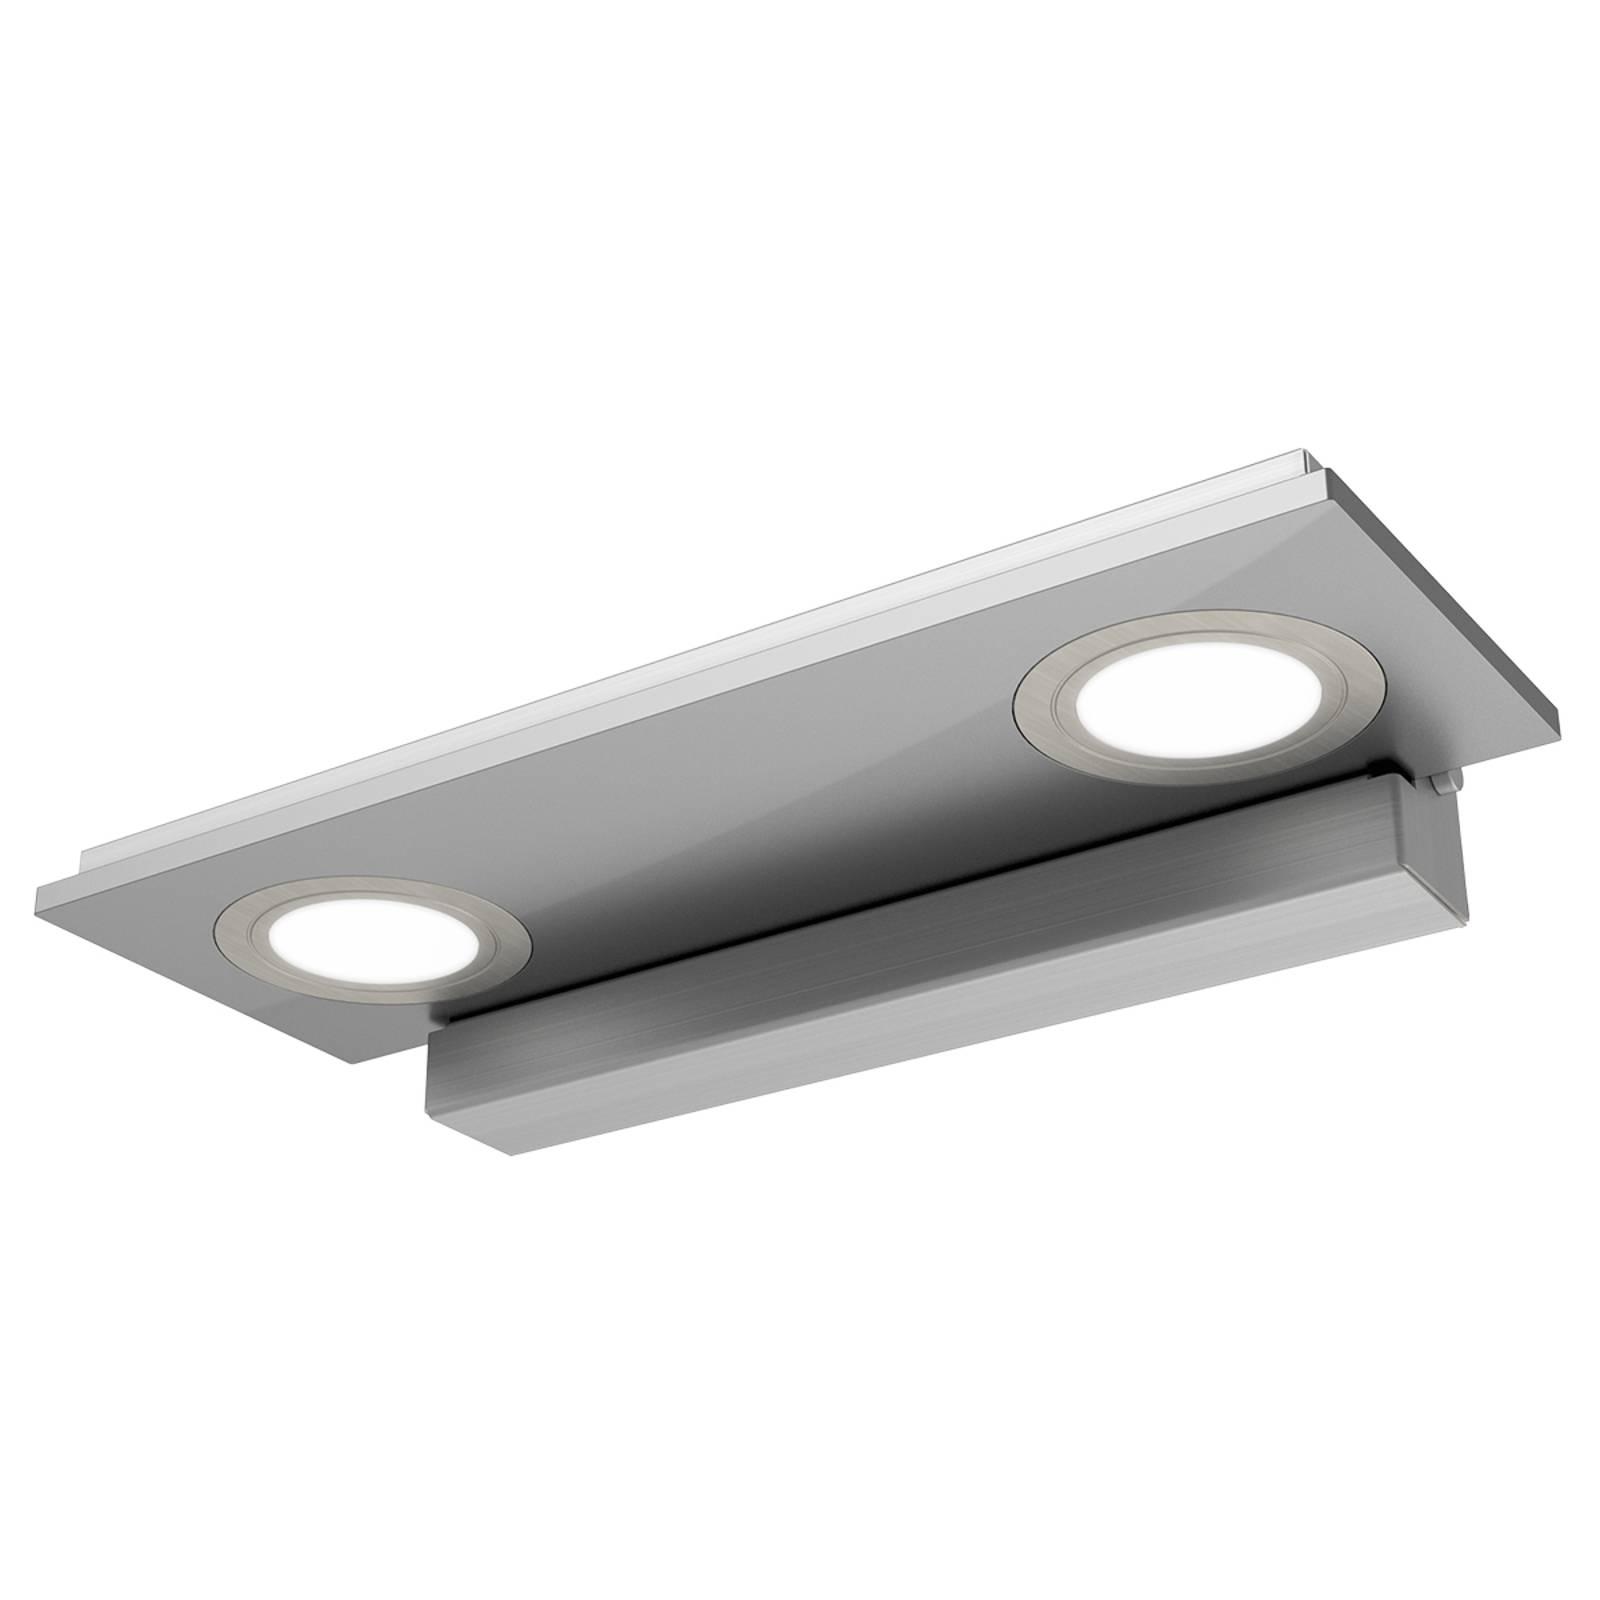 Zweiflammige LED-Wandleuchte Pano, metallic